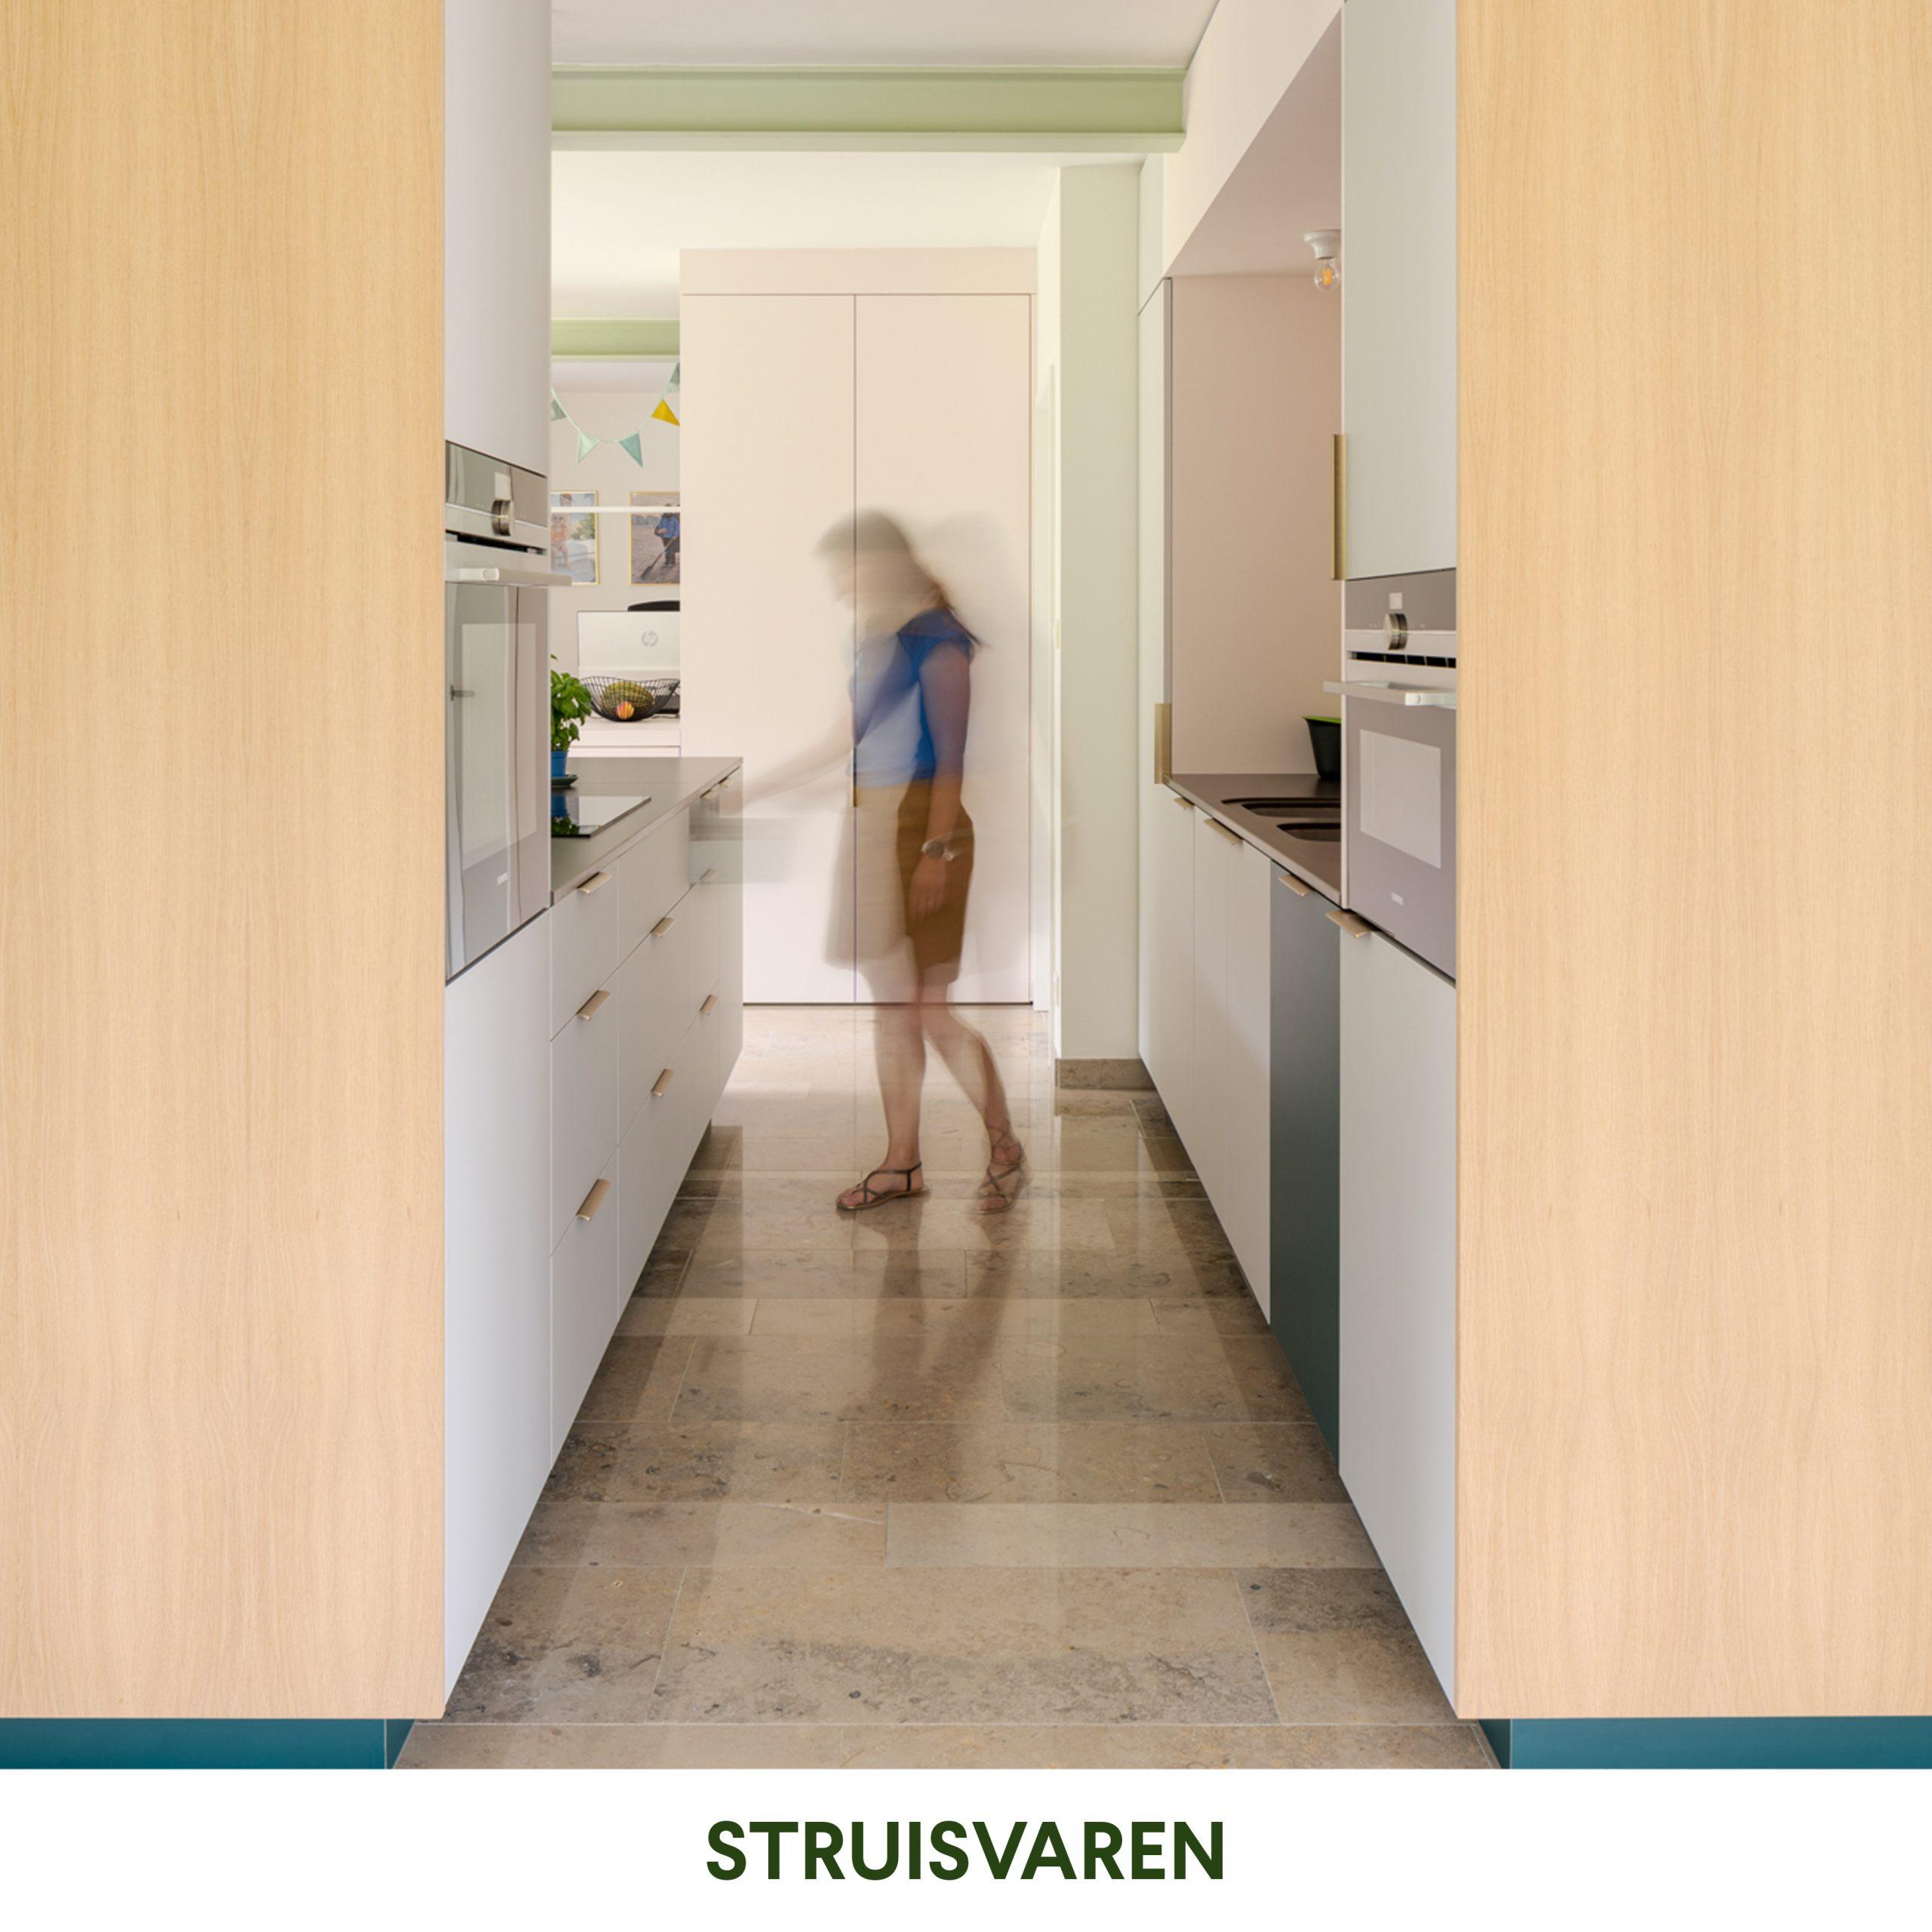 studioHAAN_STRUISVAREN